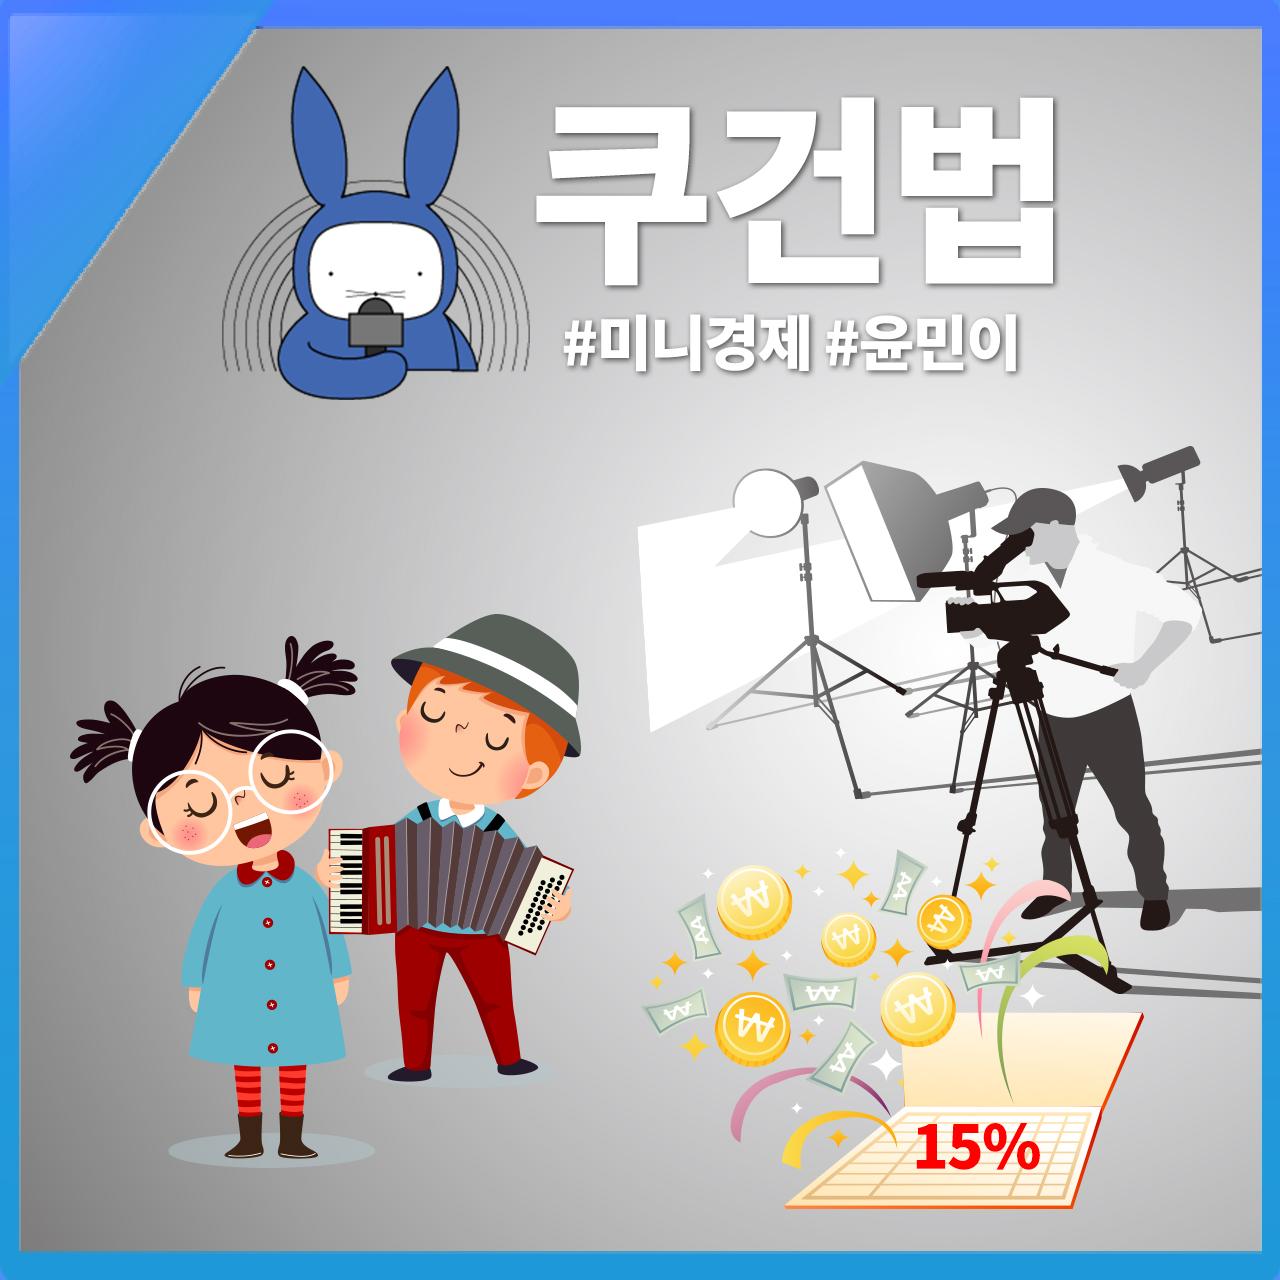 [오디오래빗] 키즈 유튜버 수익은 부모 것? 한국도 #쿠건법